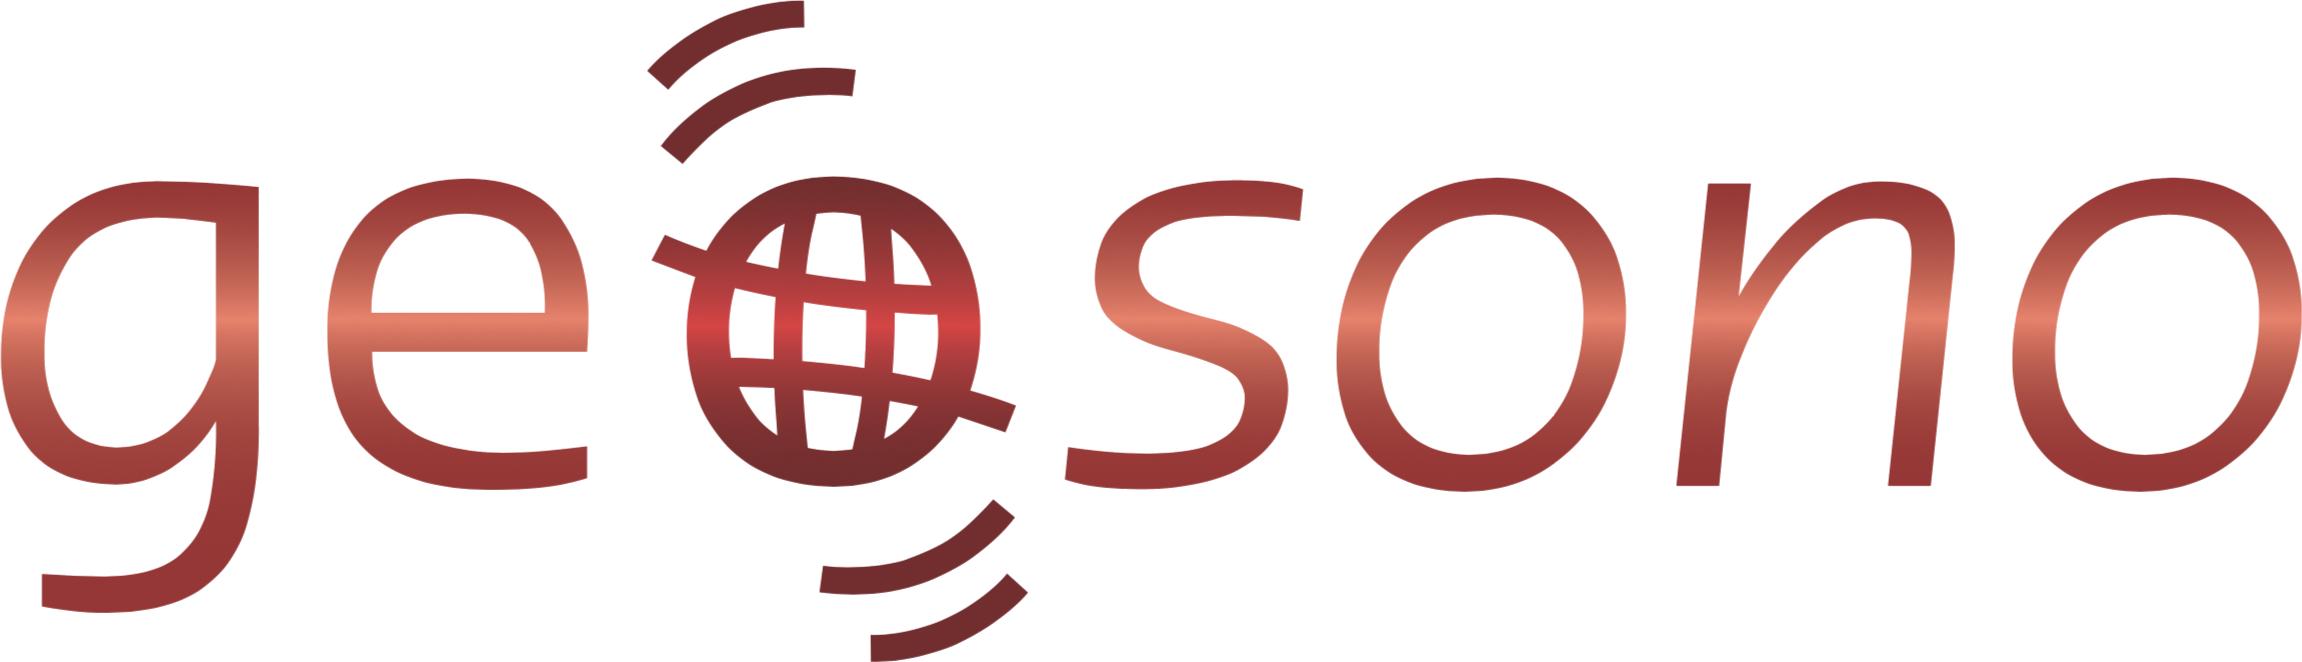 geosono - Anton Lettenbichler e.U. - Oberösterreich | Geosono - Anton Lettenbichler e.U., die Entwicklung, Produktion und Wartung von geophysikalischen Geräten, Voecklamarkt, Oberösterreich, Flexibilität und Robustheit für den Feldeinsatz